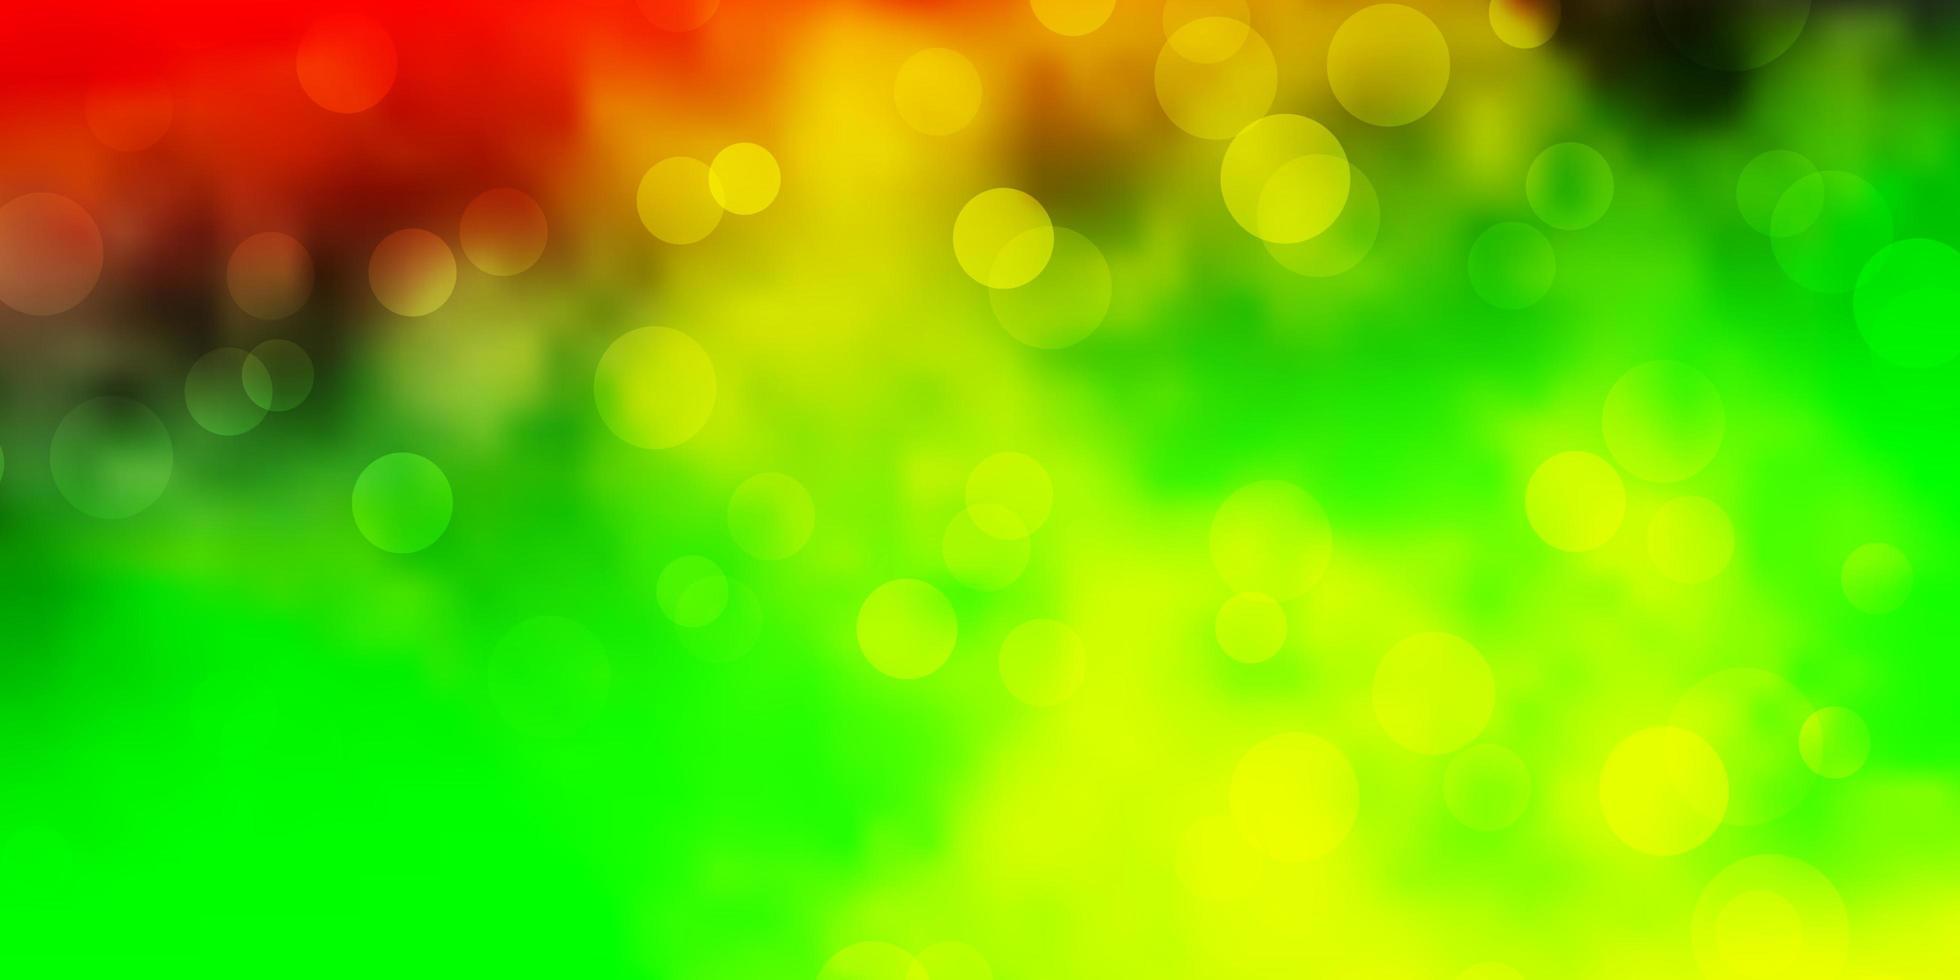 licht veelkleurige vector lay-out met cirkels.